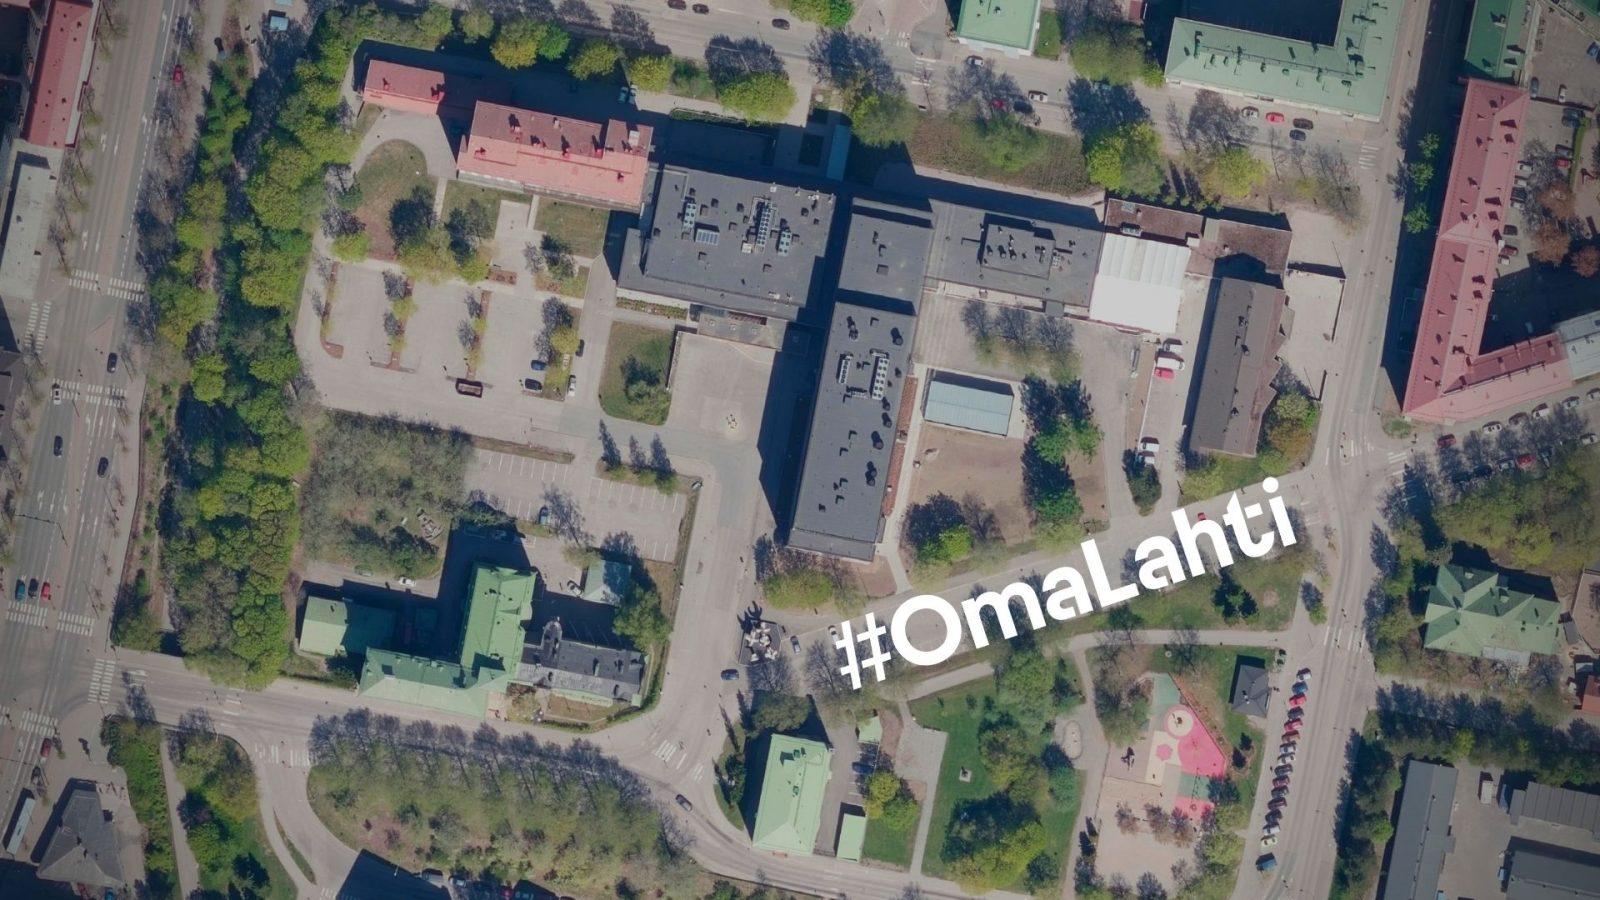 Kaupunginsairaala ja kansanopisto ilmasta kuvattuna. Ilmakuvan päällä teksti #OmaLahti.